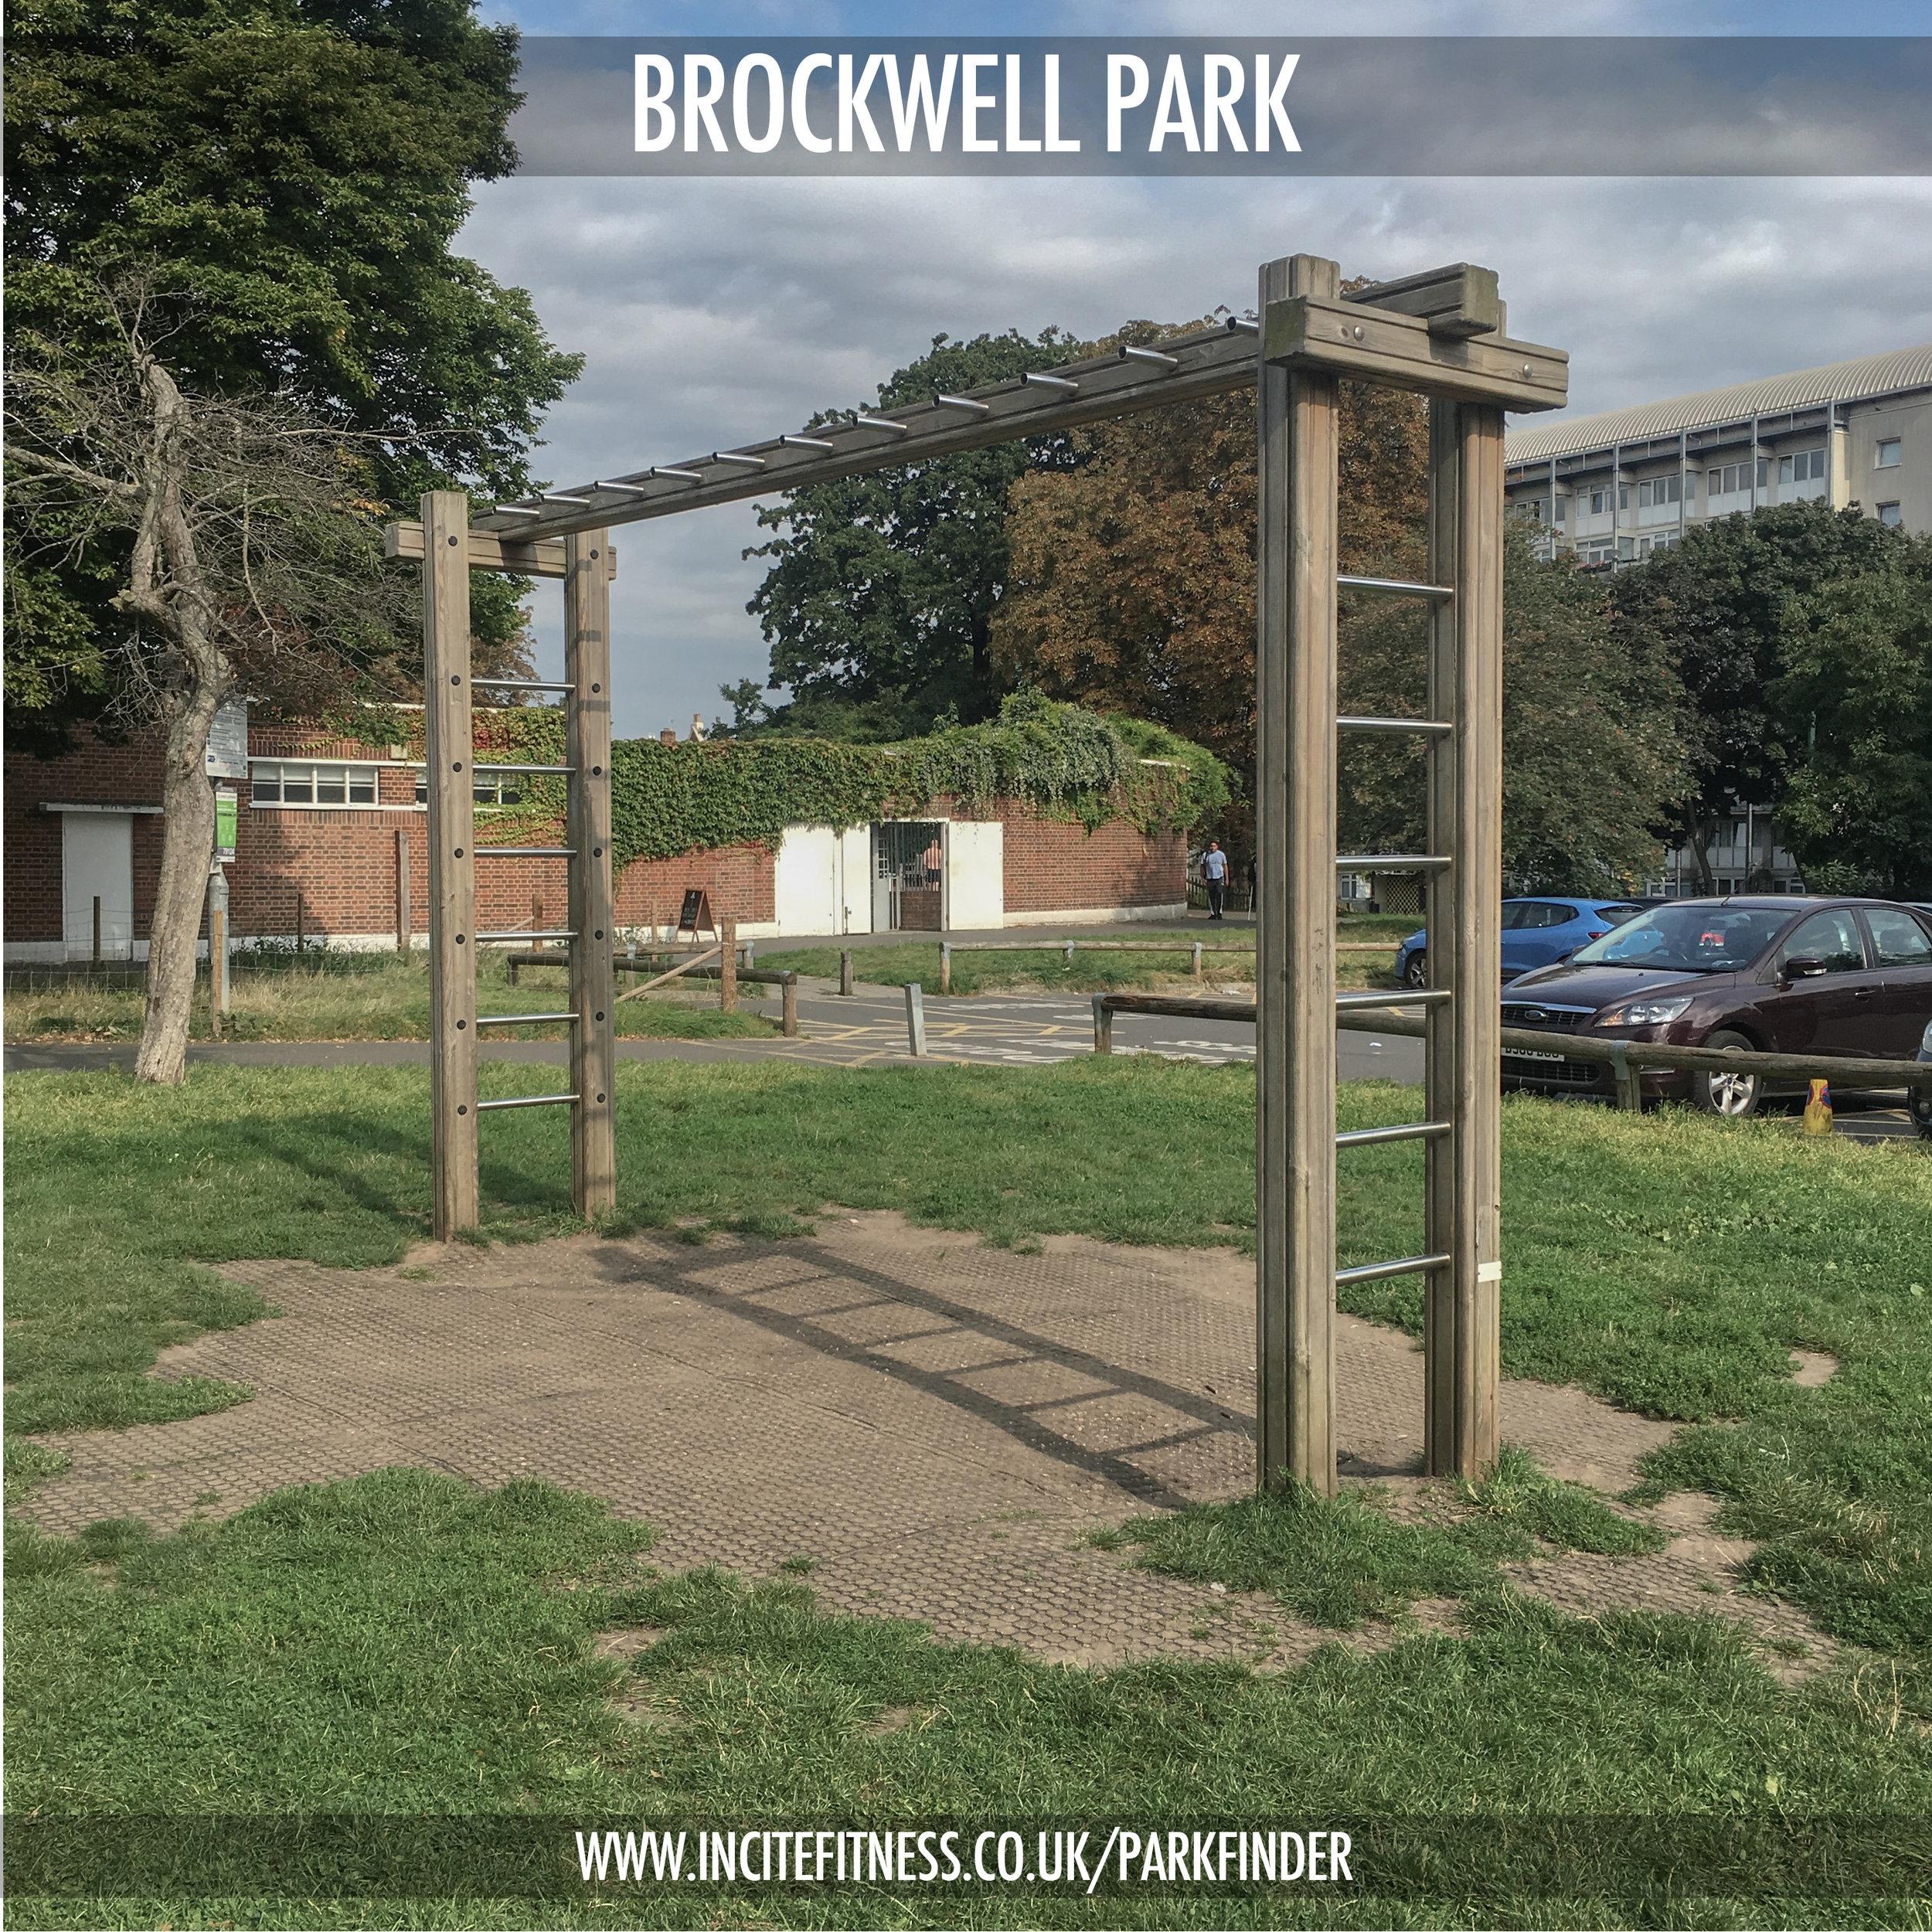 Brockwell park 03 monkey bars.jpg